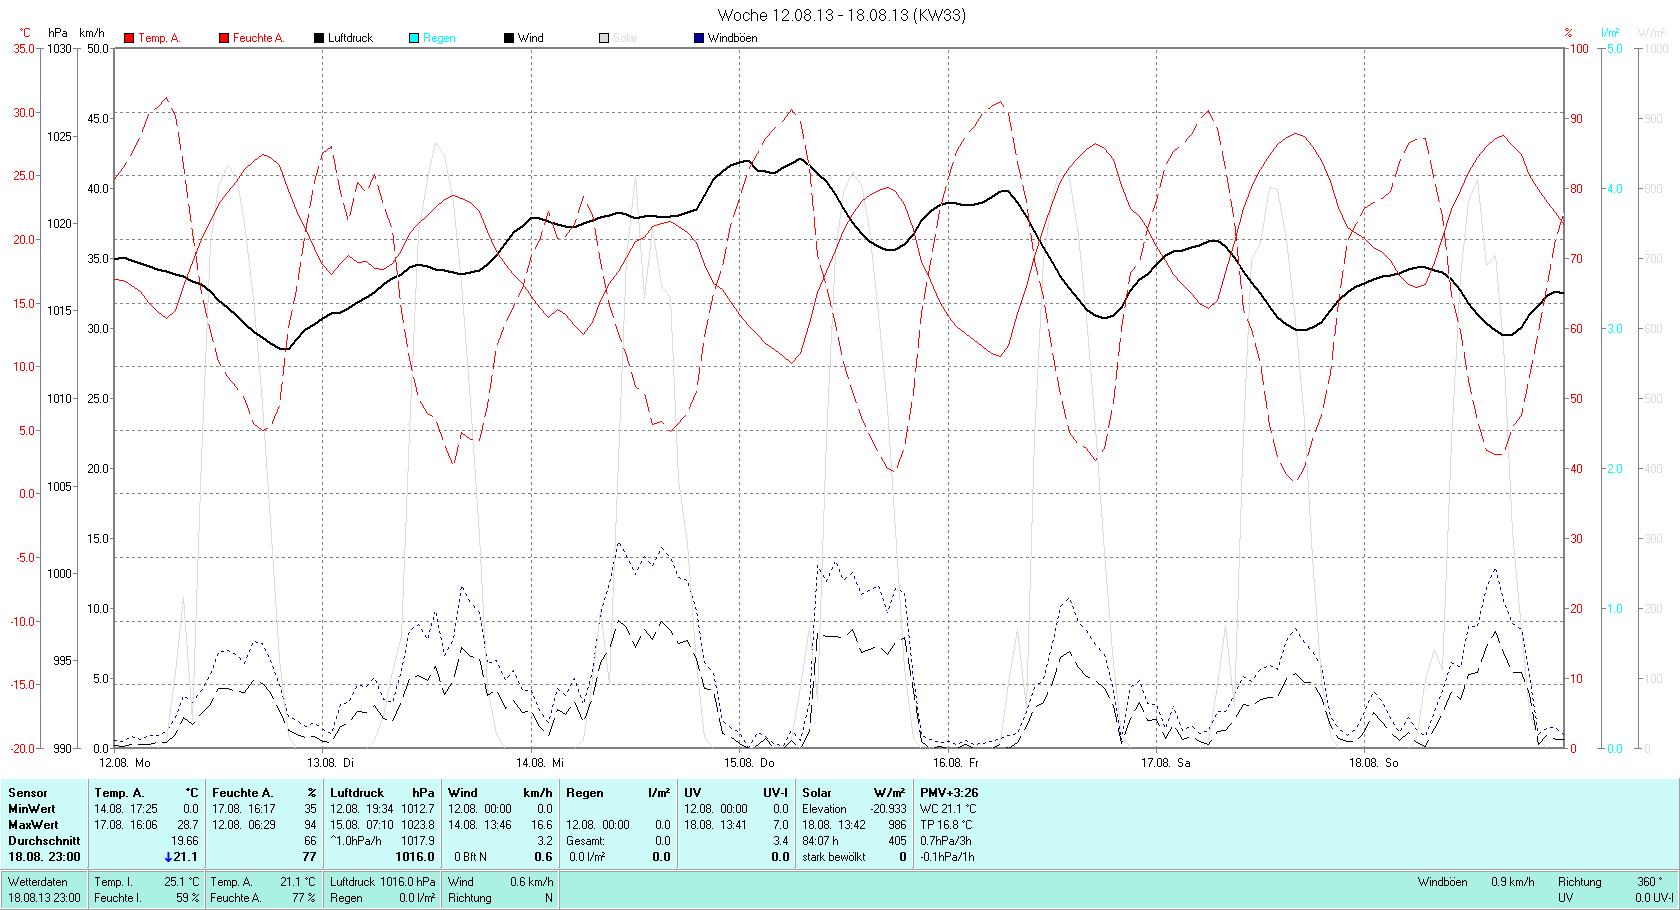 KW 33 Tmin 10.1°C, Tmax 28.7°C, Sonne 66:44h, Niederschlag 0.0mm/2